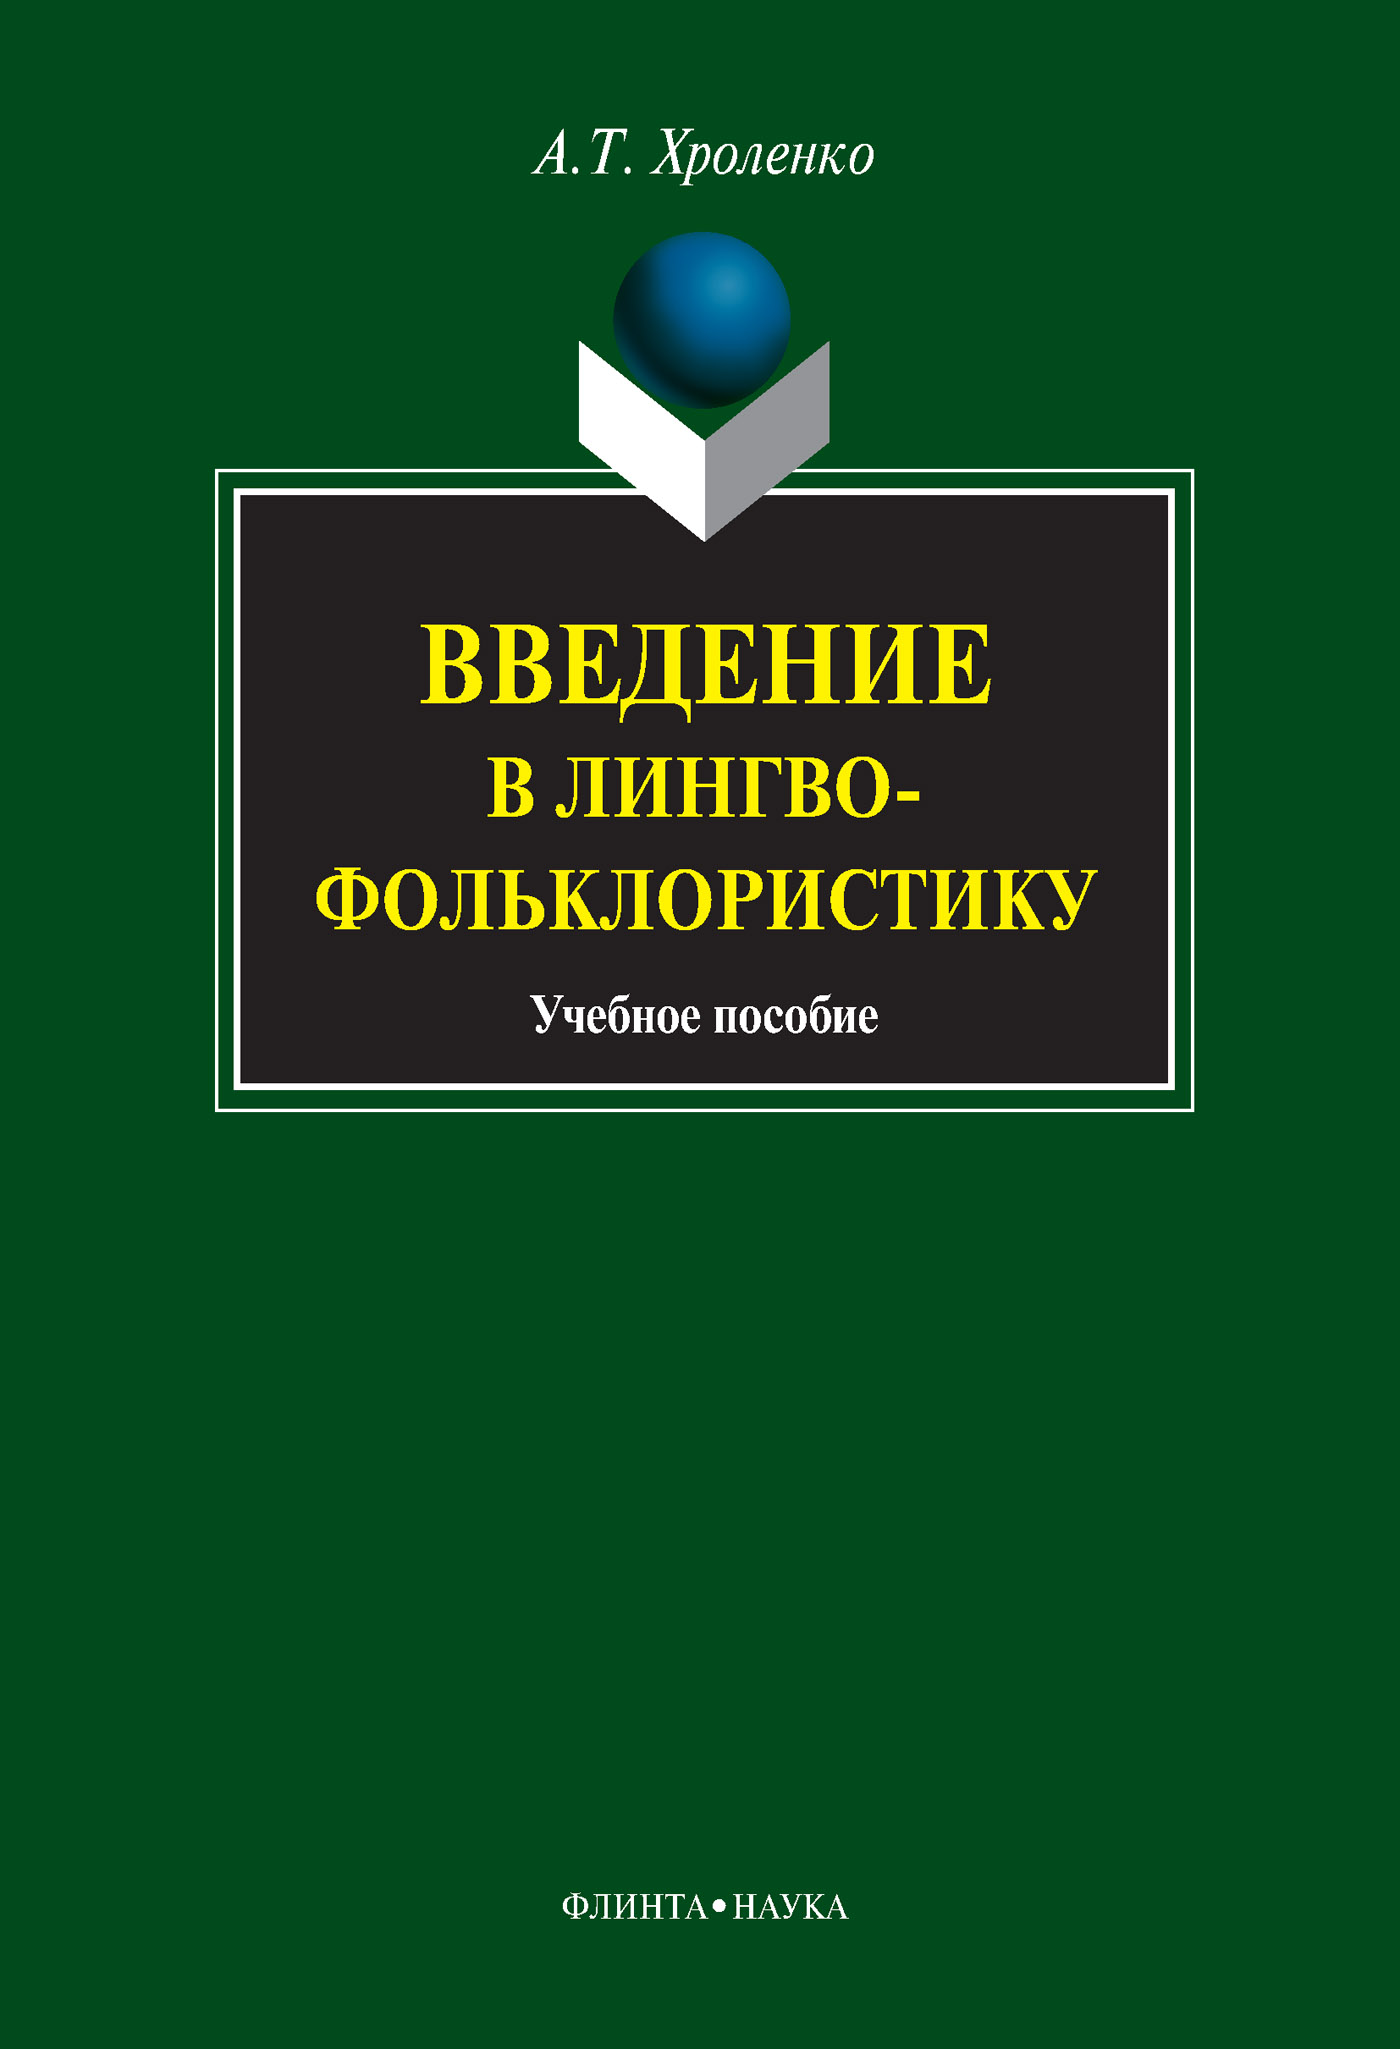 А. Т. Хроленко Введение в лингвофольклористику. Учебное пособие хроленко а введение в лингвофольклористику учебное пособие